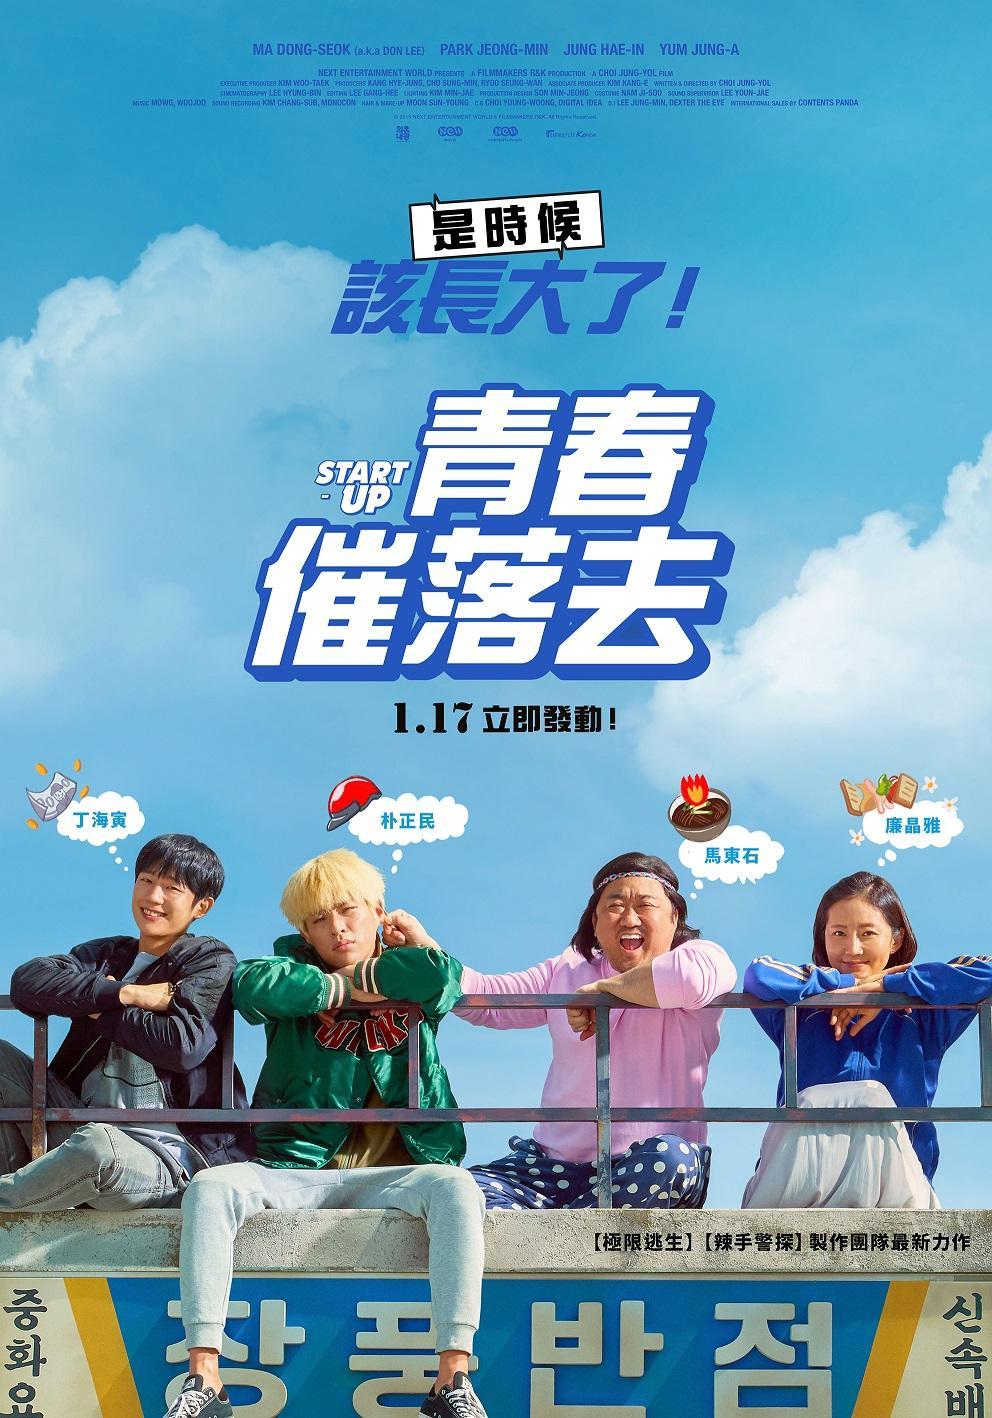 [藍光][繁中]青春催落去(1080P)上映日期:2020-01-17